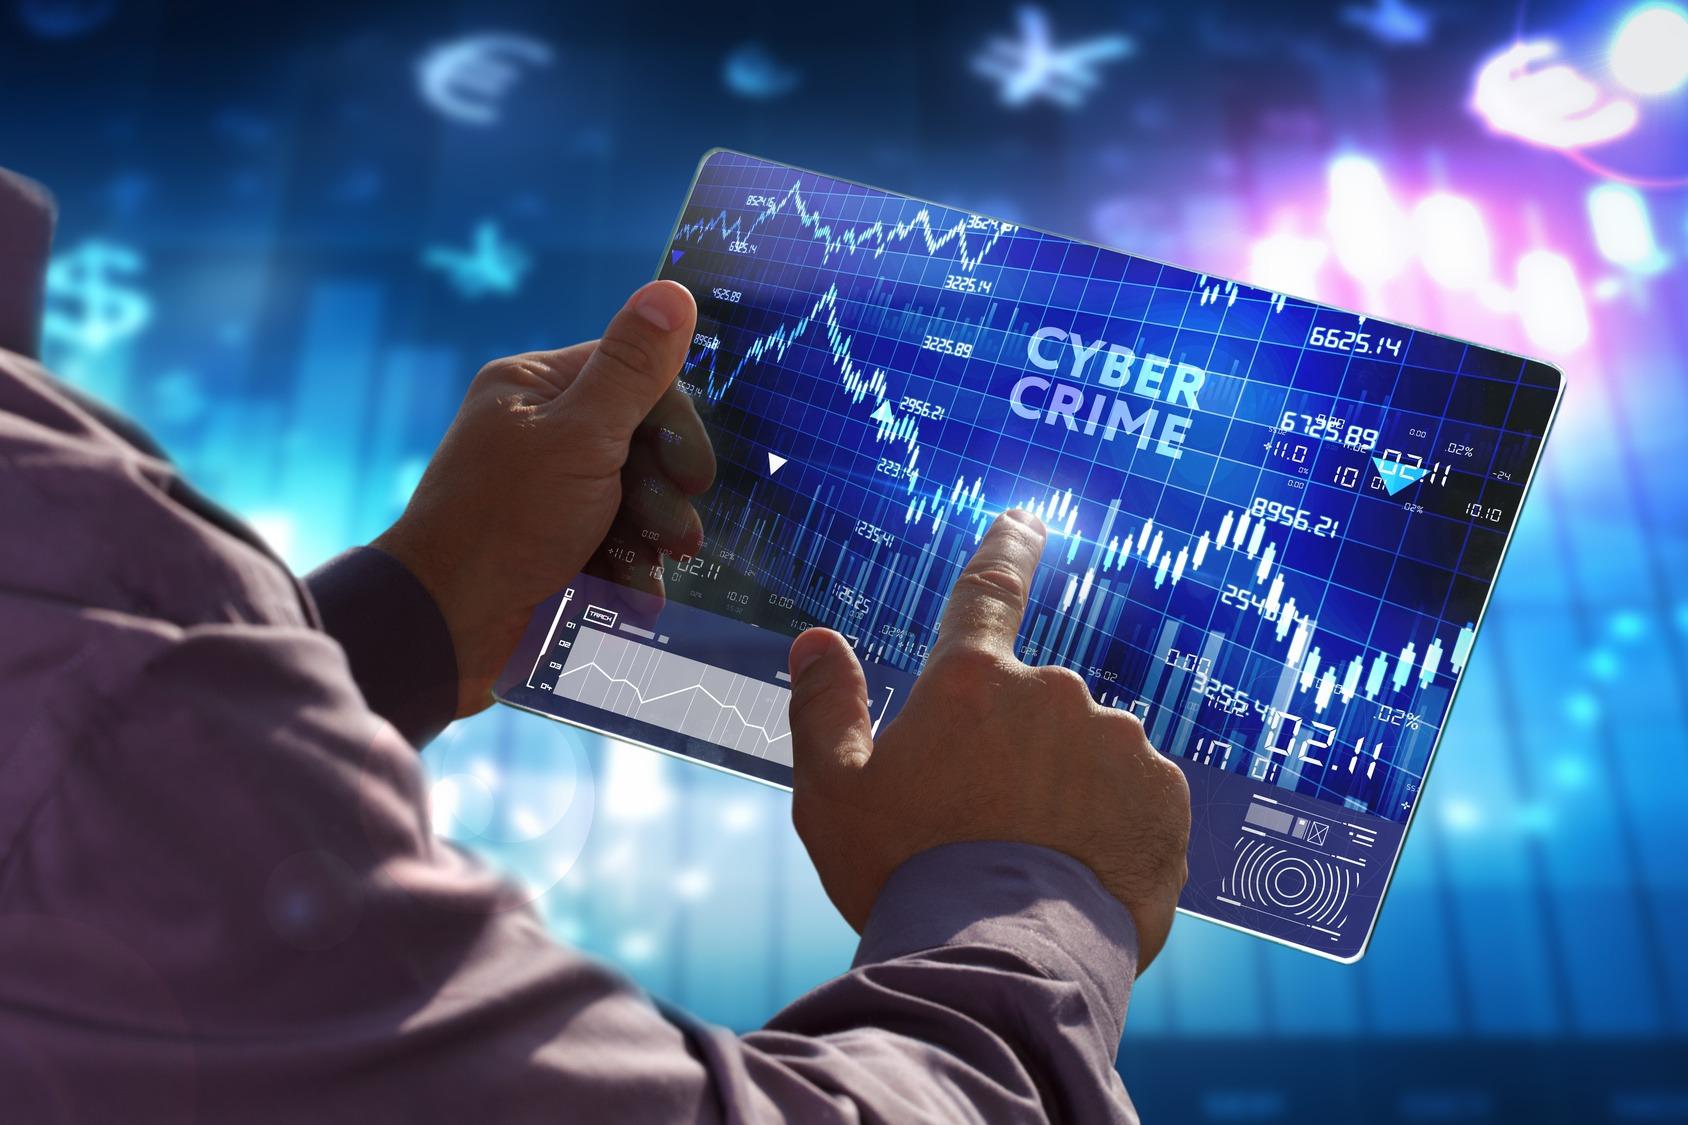 Allarme Cyber Crime